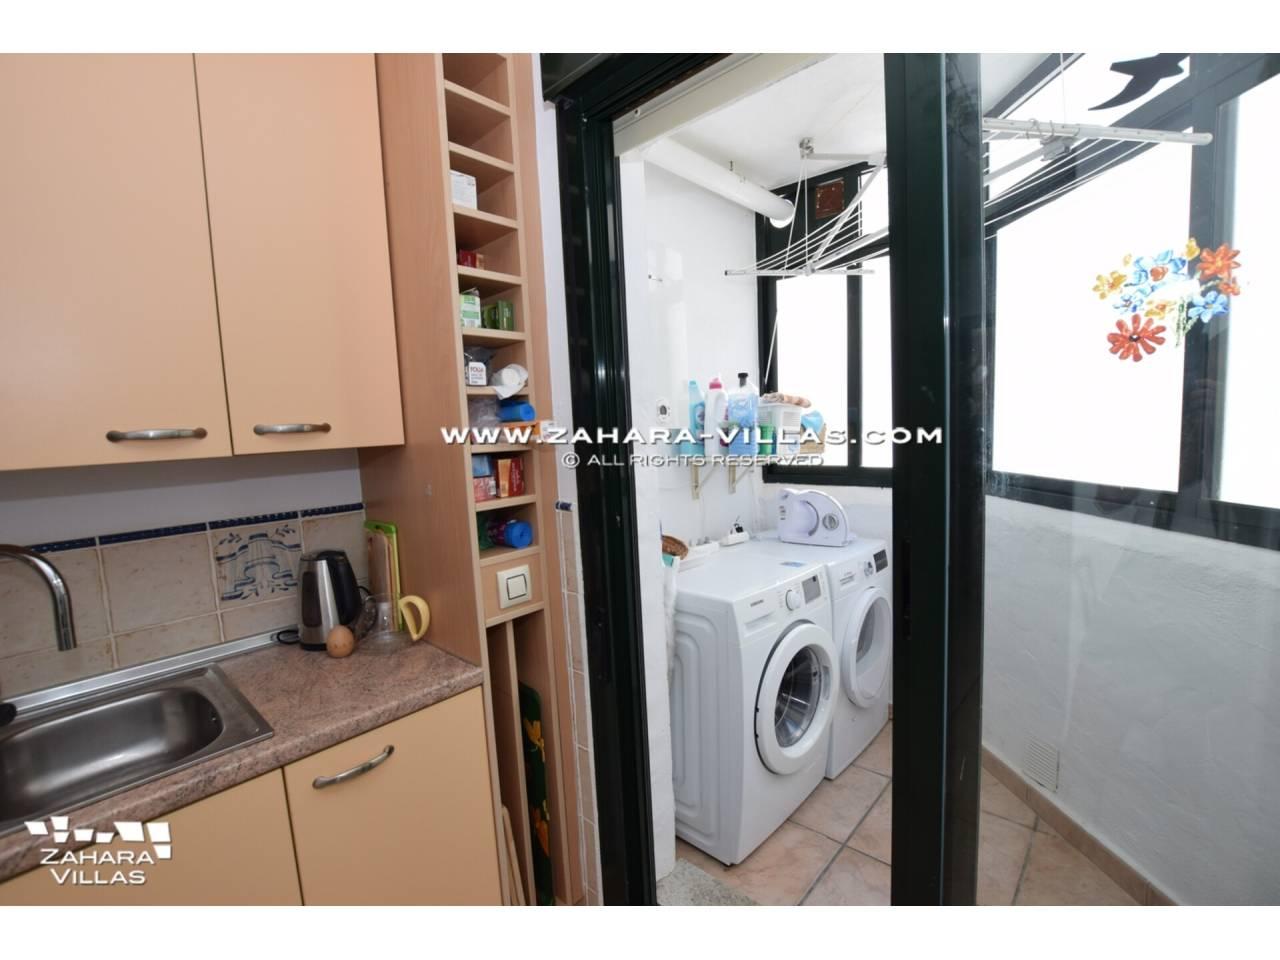 Imagen 43 de Penthouse apartment for sale in Zahara de los Atunes